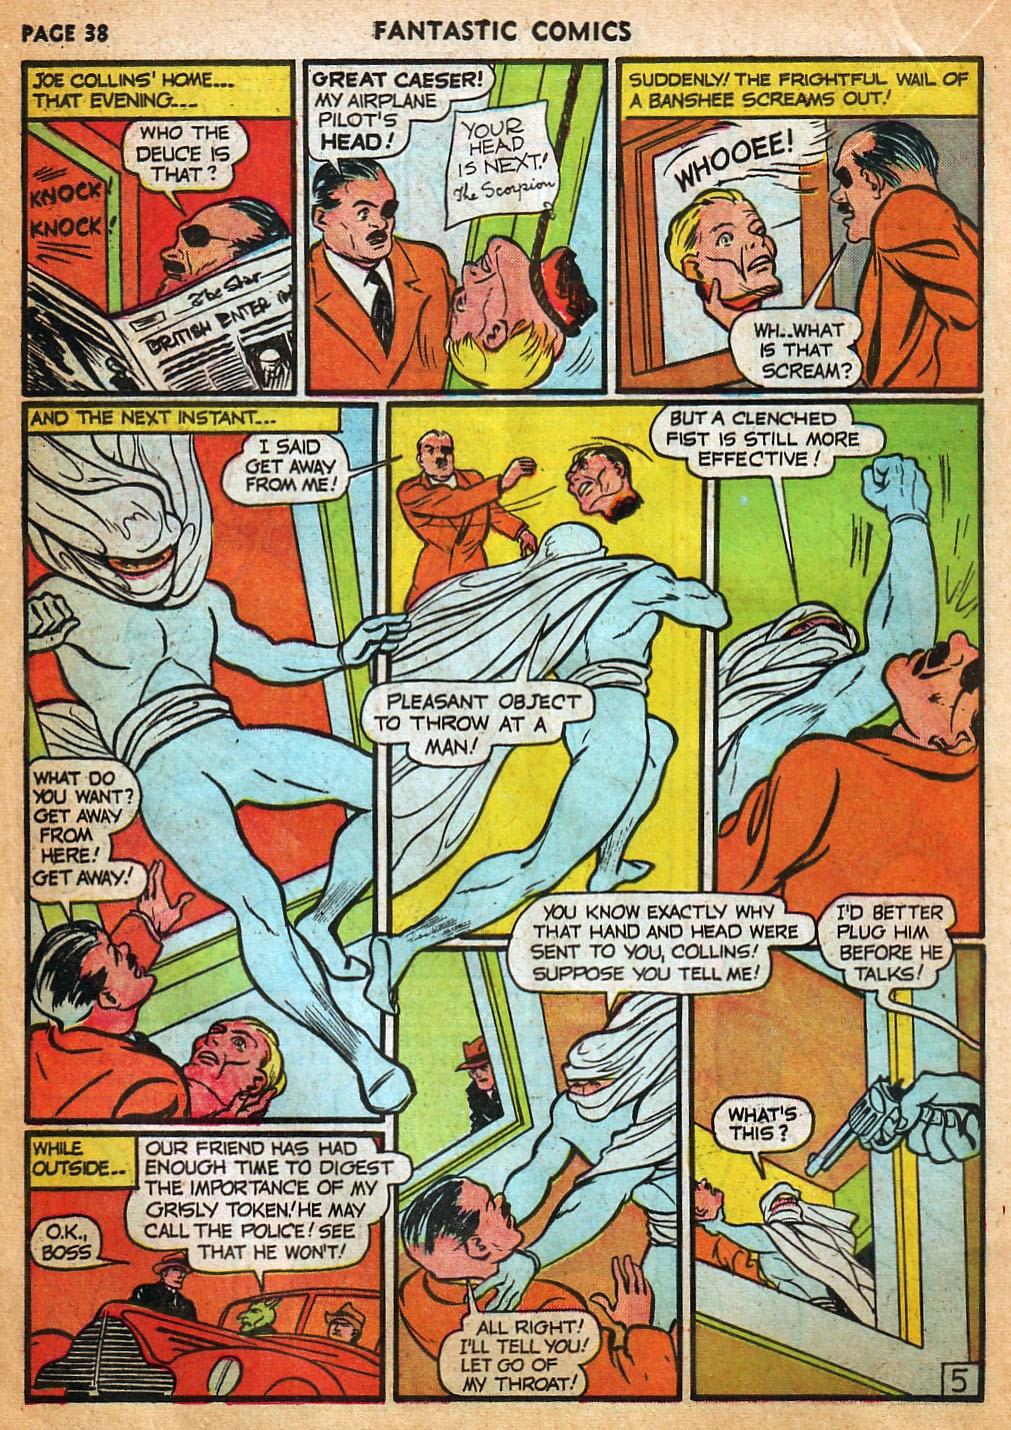 Read online Fantastic Comics comic -  Issue #22 - 39